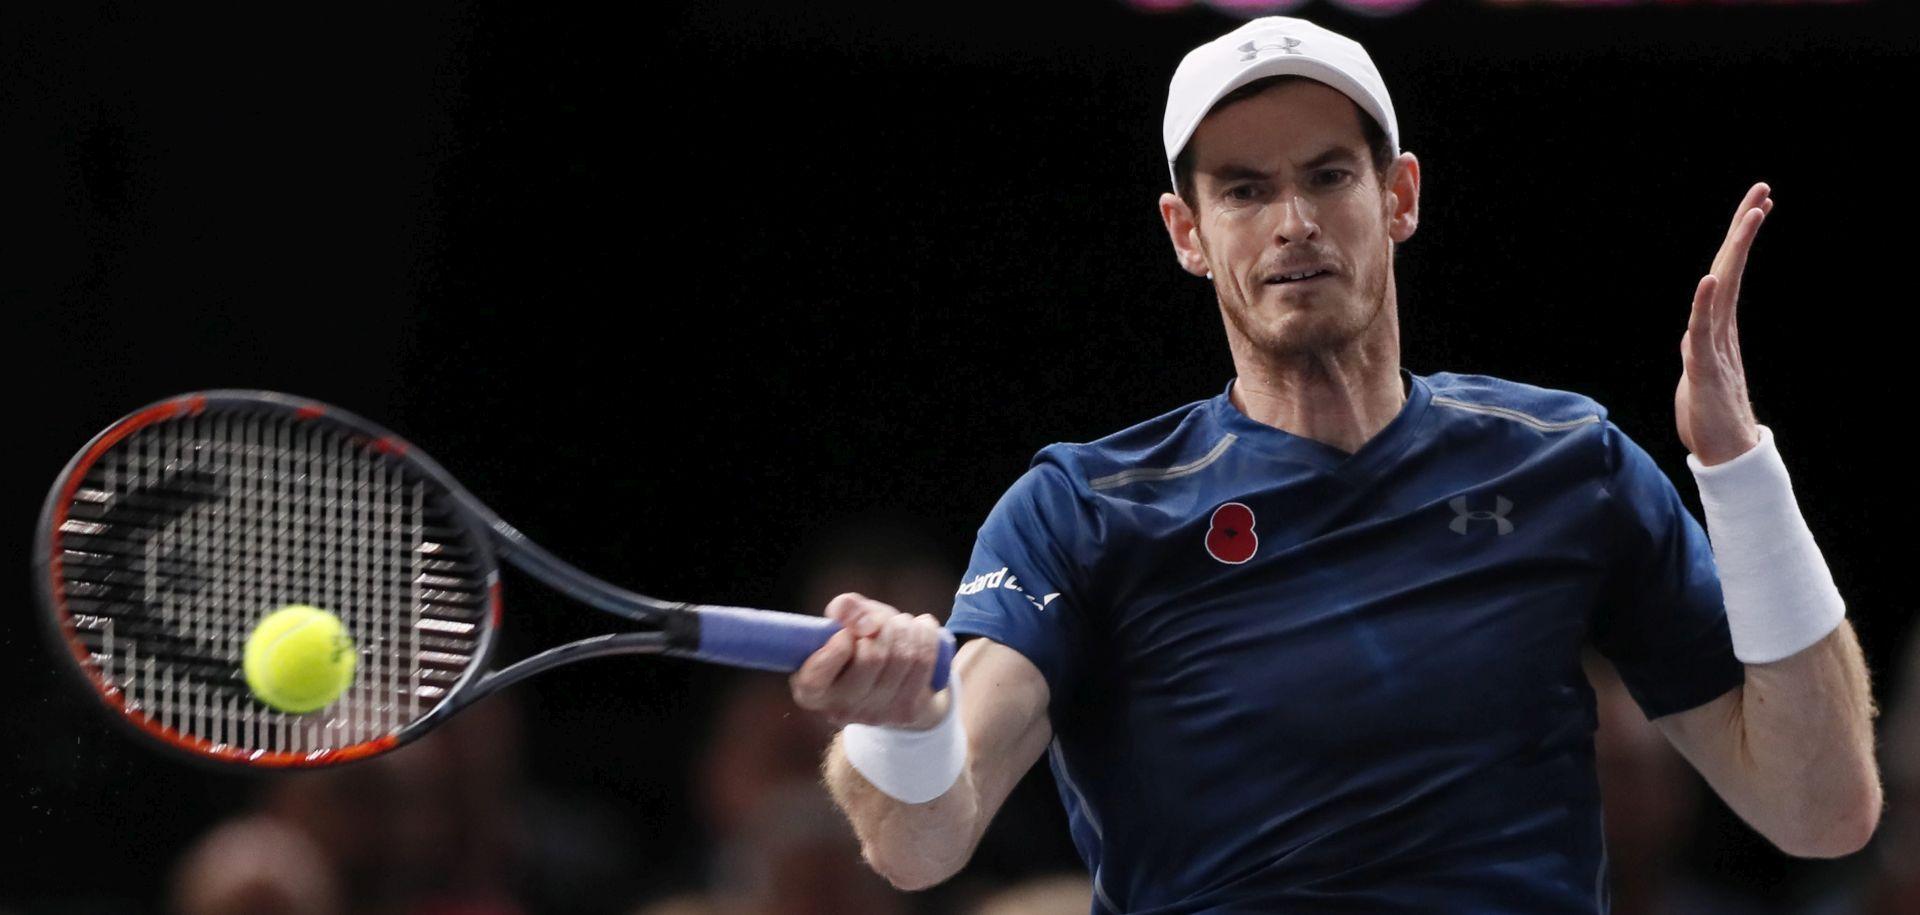 ATP PARIZ Pobjeda Murrayja, još ga jedna pobjeda dijeli od 'broja 1'